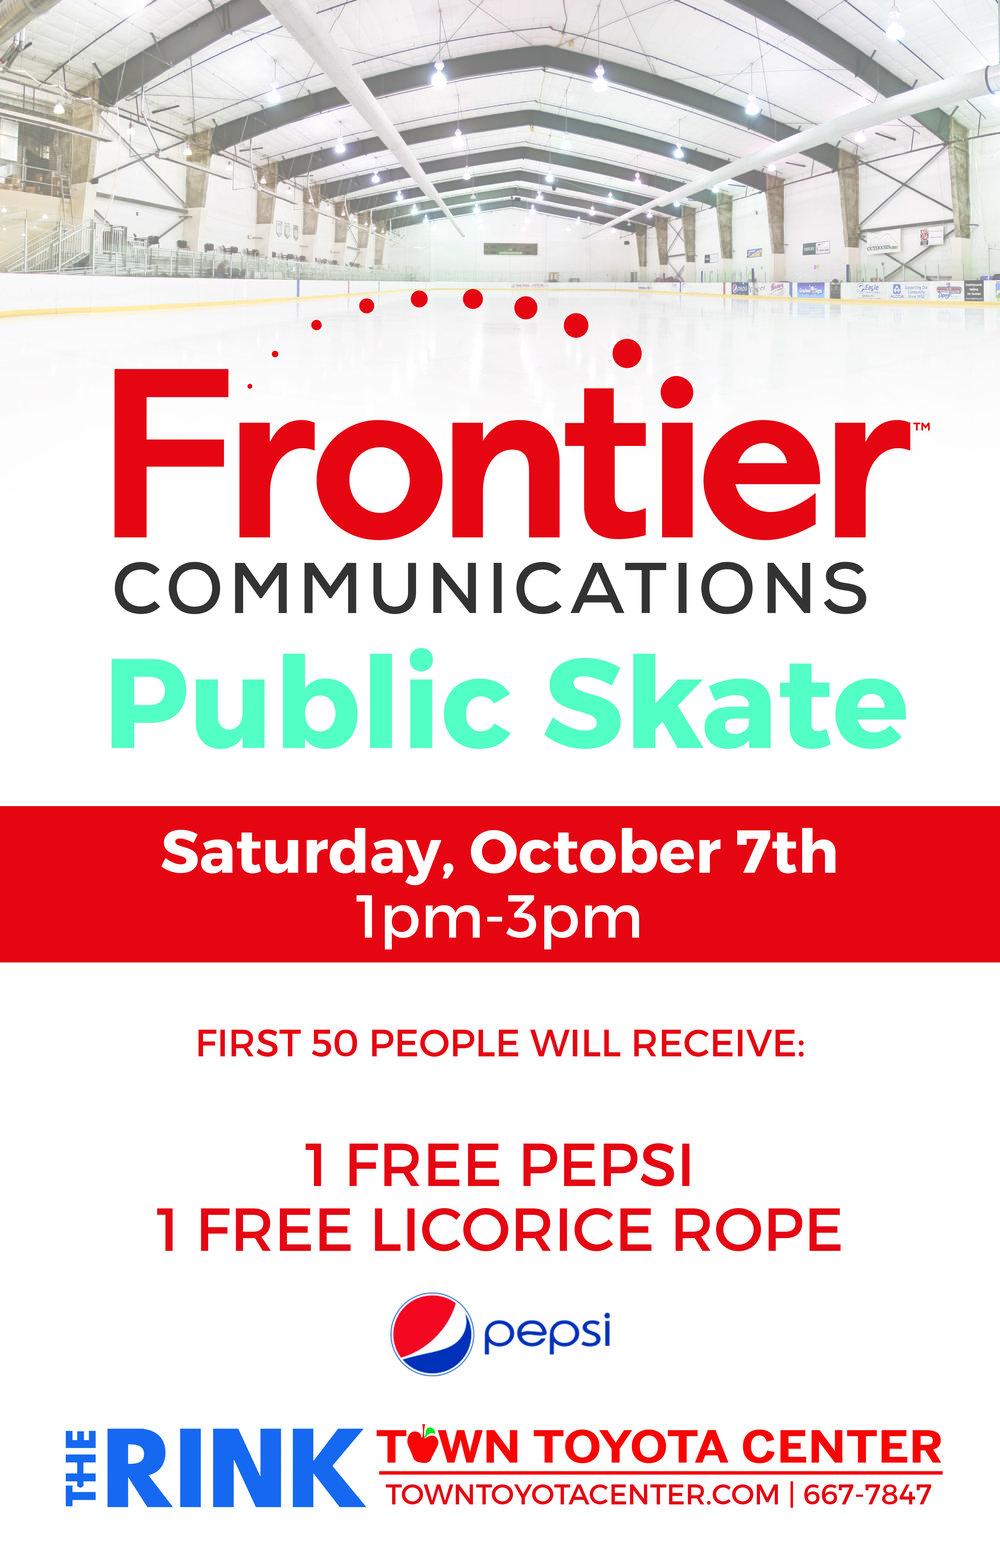 Frontier Skate Poster2.jpg